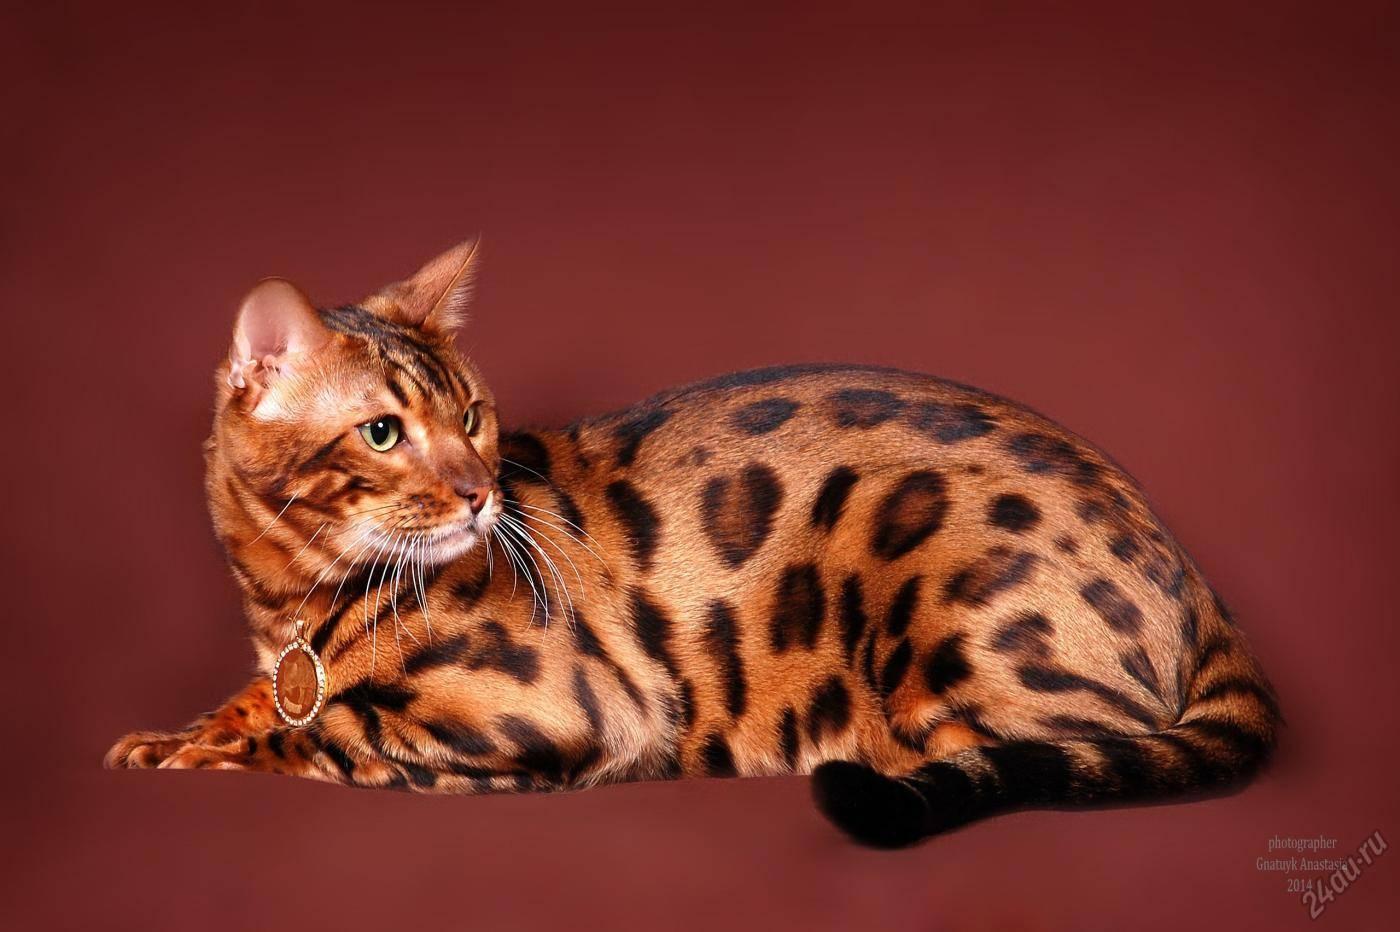 Бенгальская кошка - описание породы, характер, фото, видео, отзывы, цена...